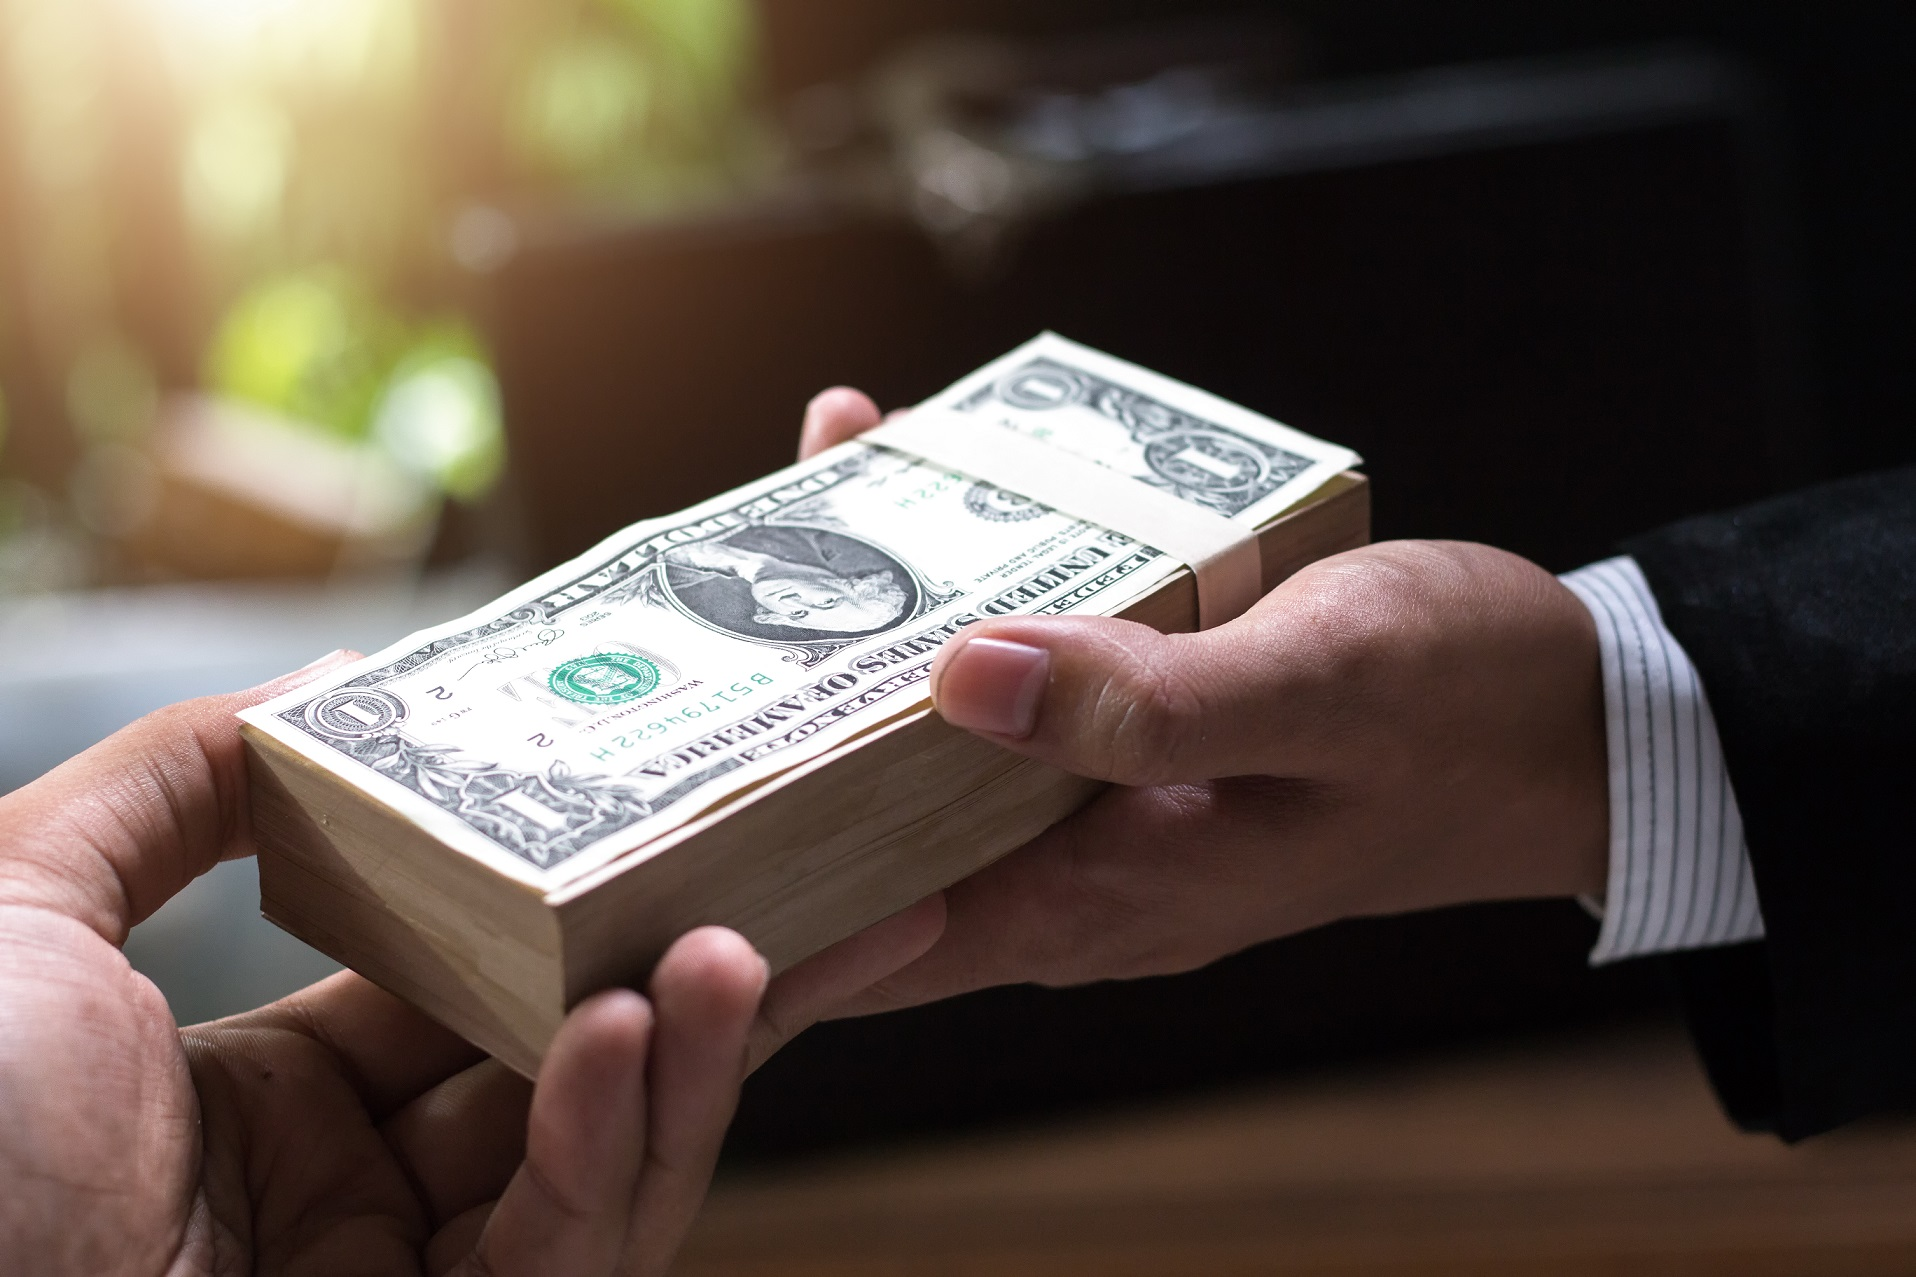 broker trader lawyer spy wie viel geld benötigt man zum forexhandel start?